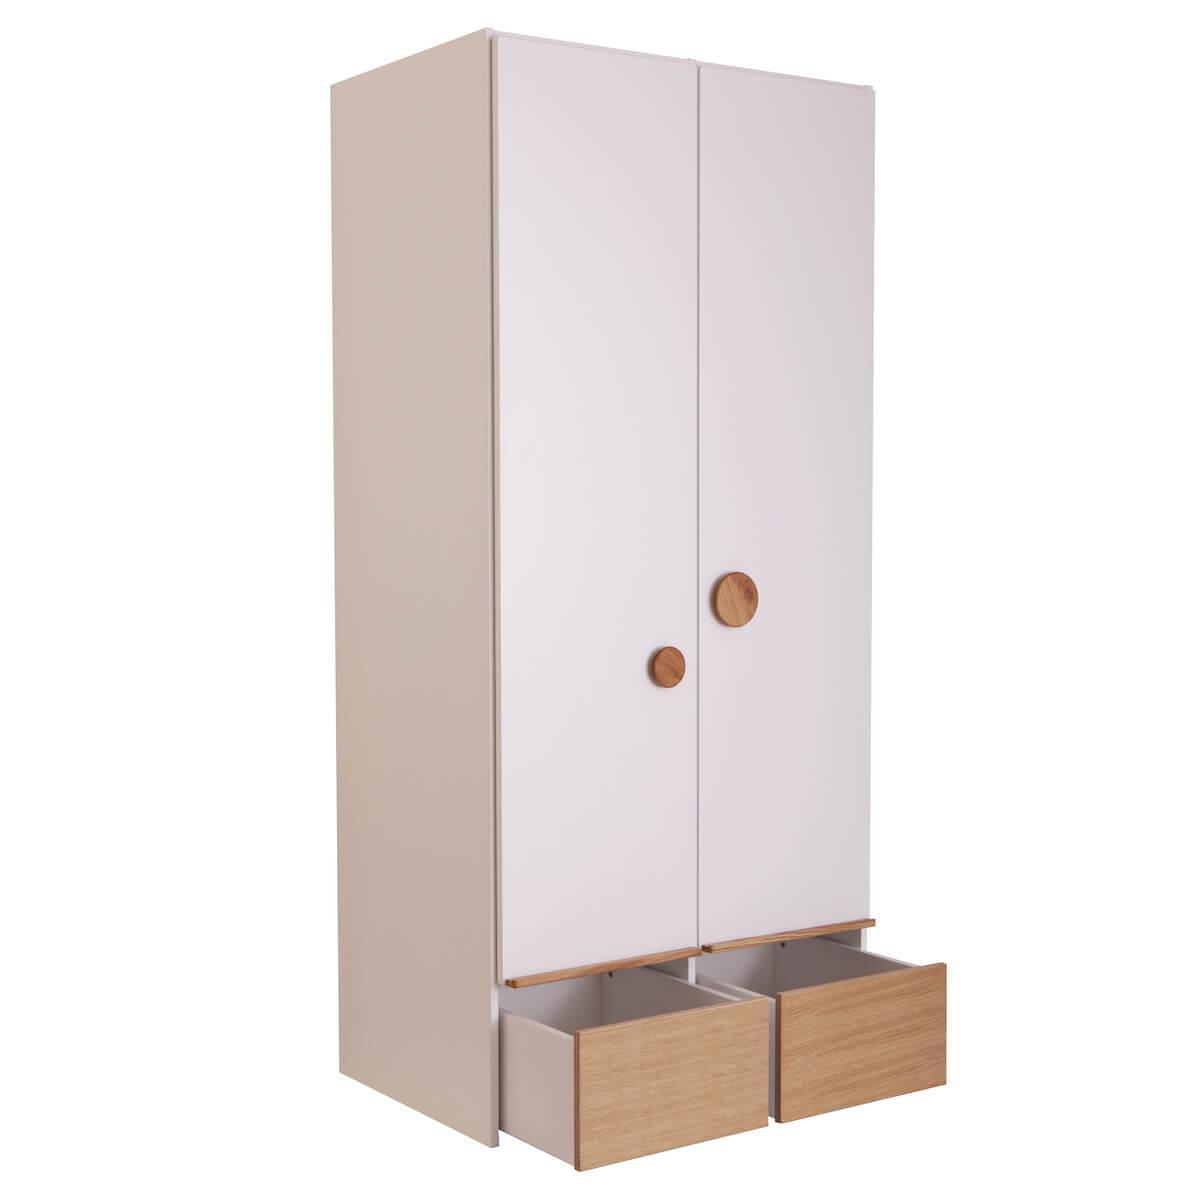 Kleiderschrank 2 Türen 2 Rollkästen KASVA weiß-Eiche